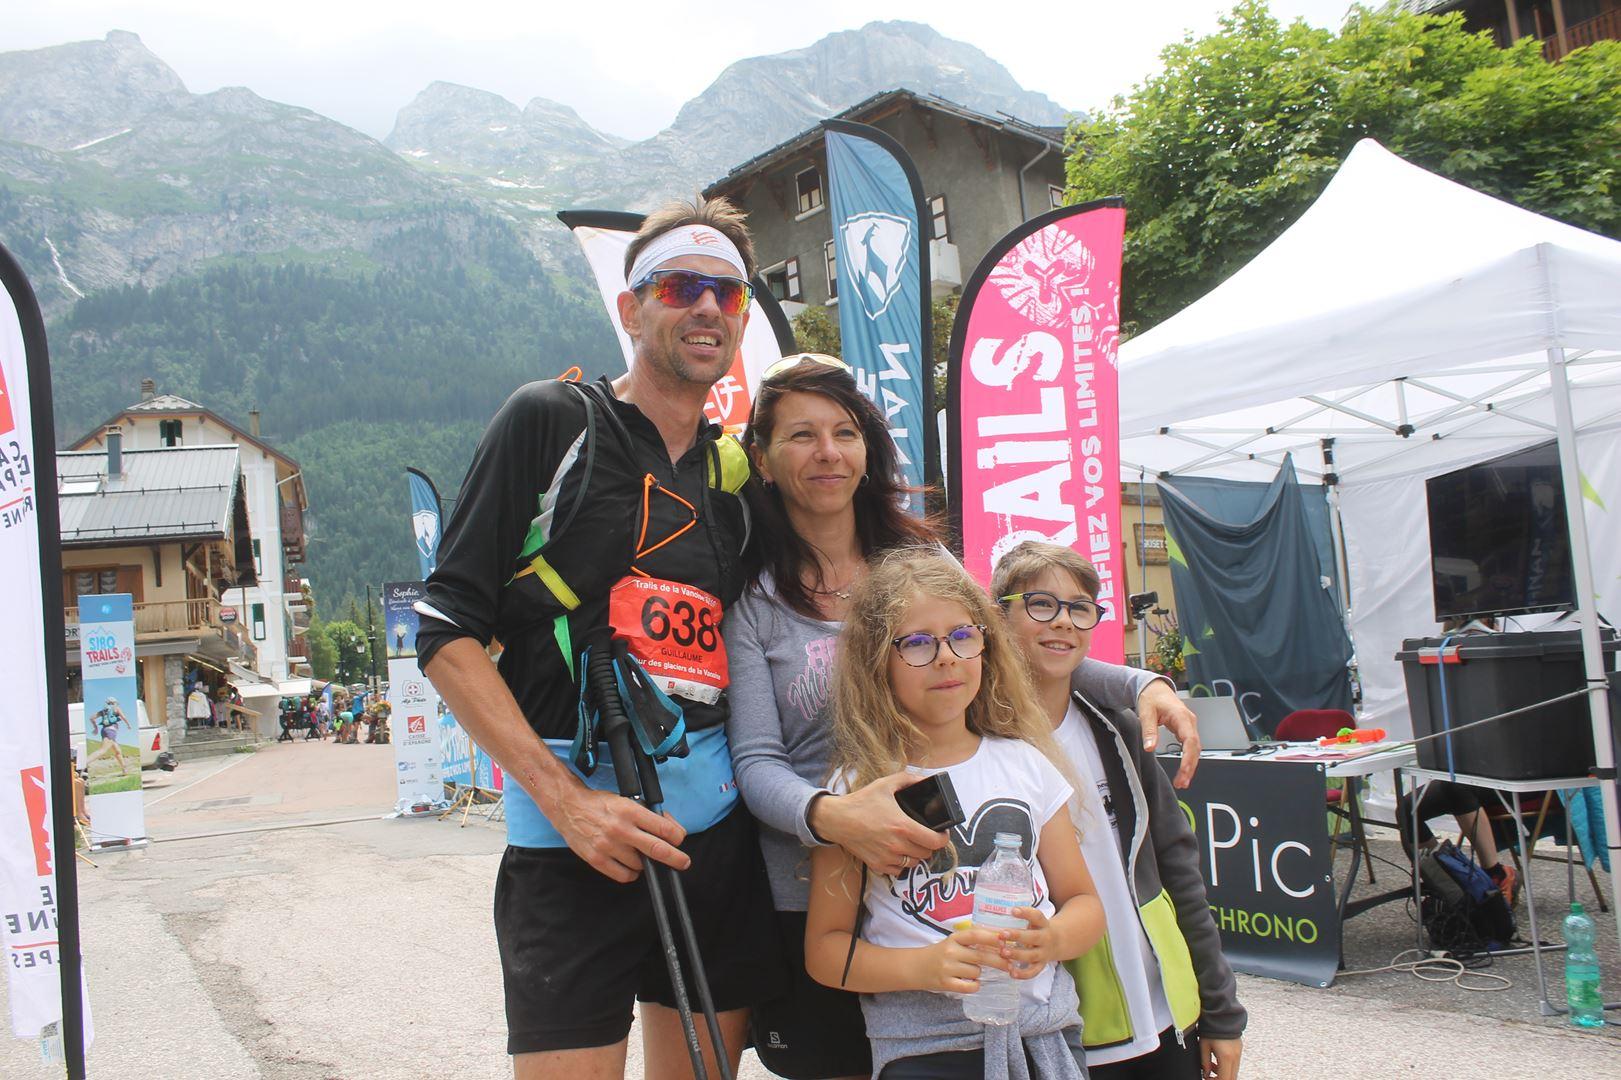 3eme homme du tgv en famille - BENJAMIN DAVID S'IMPOSE SUR LE TOUR DES GLACIERS DE LA VANOISE !  PRALOGNAN 07/07/2019